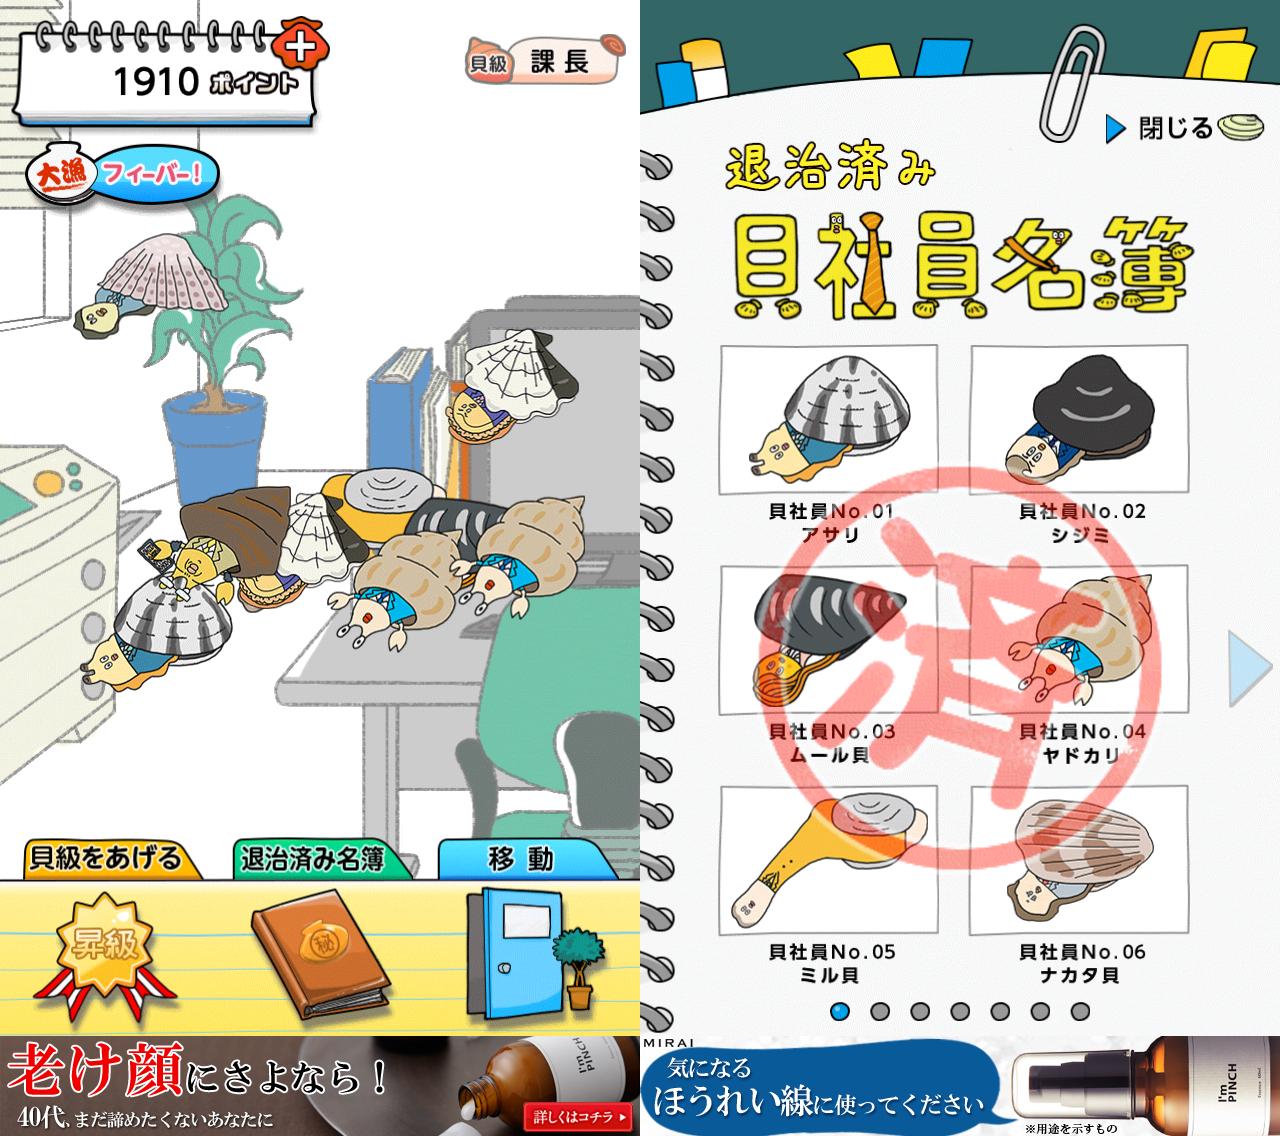 貝社員の断末魔 androidアプリスクリーンショット1